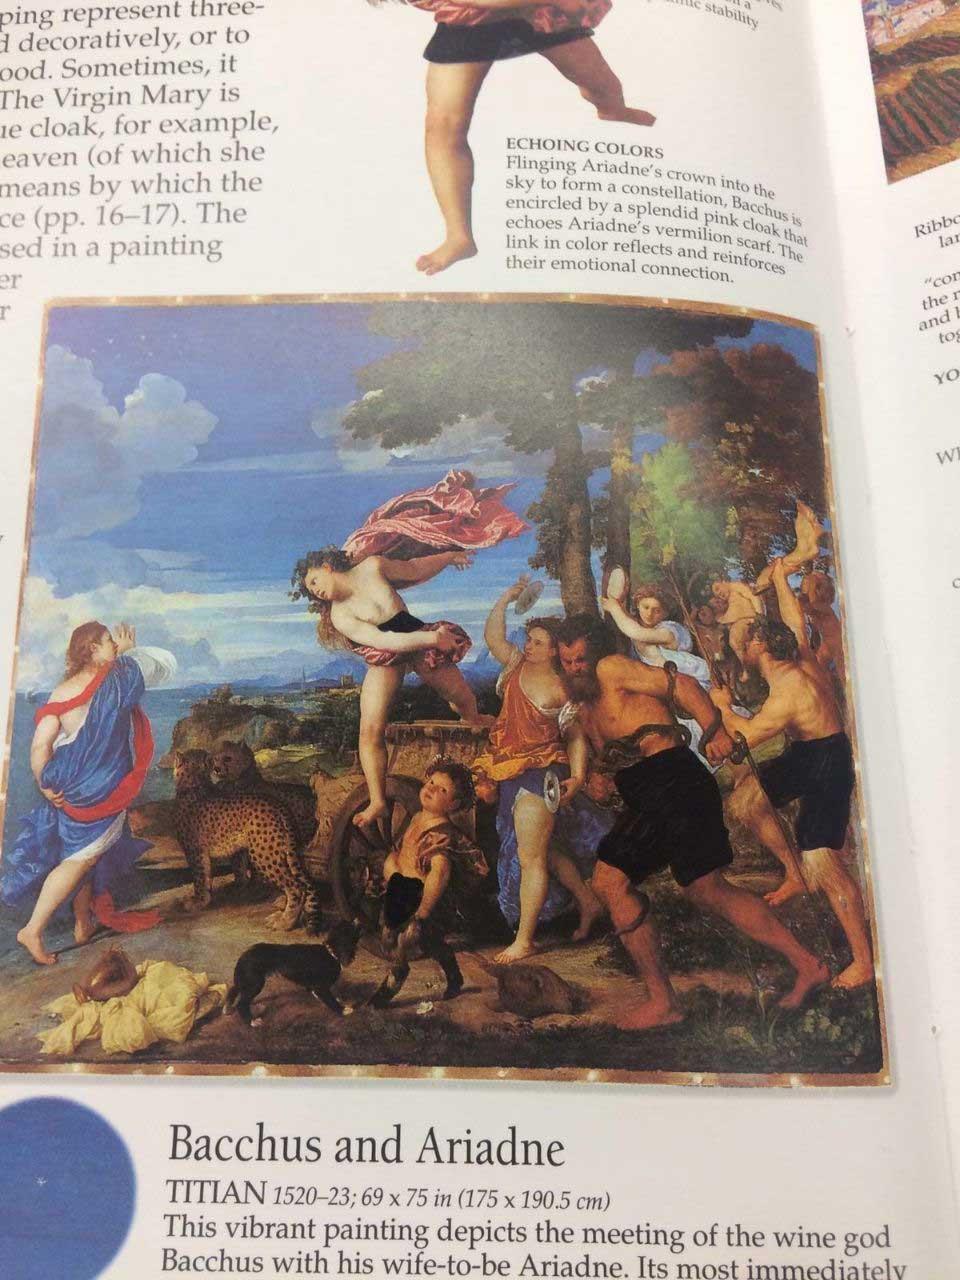 So absurd wurde ein Kunstbuch in einer christlichen Schule zensiert looking-at-paintings-christliche-zensur_04